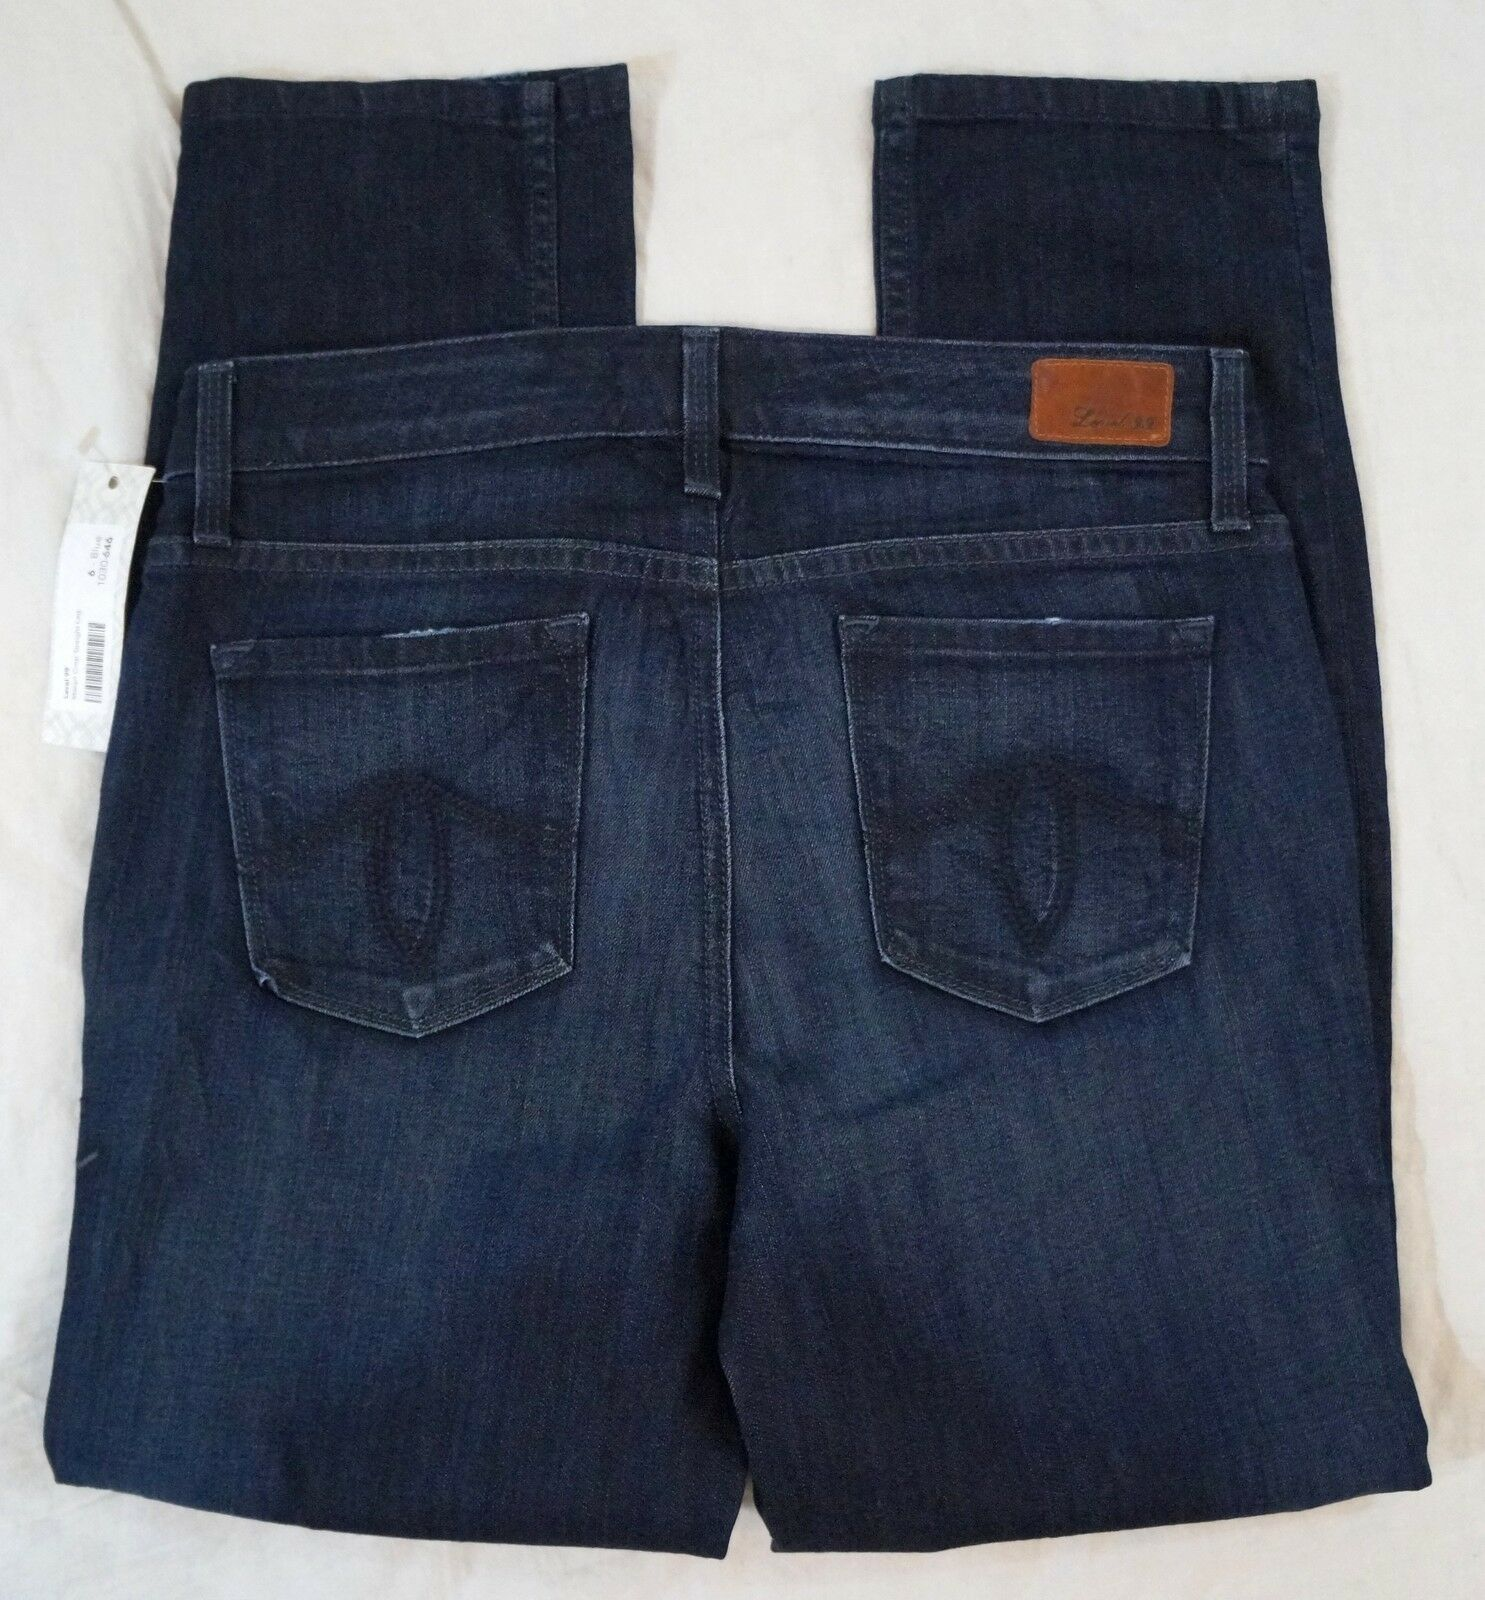 New Level 99 Anthropologie Macyn Crop Straight Leg Size 28 Dark Wash Jeans